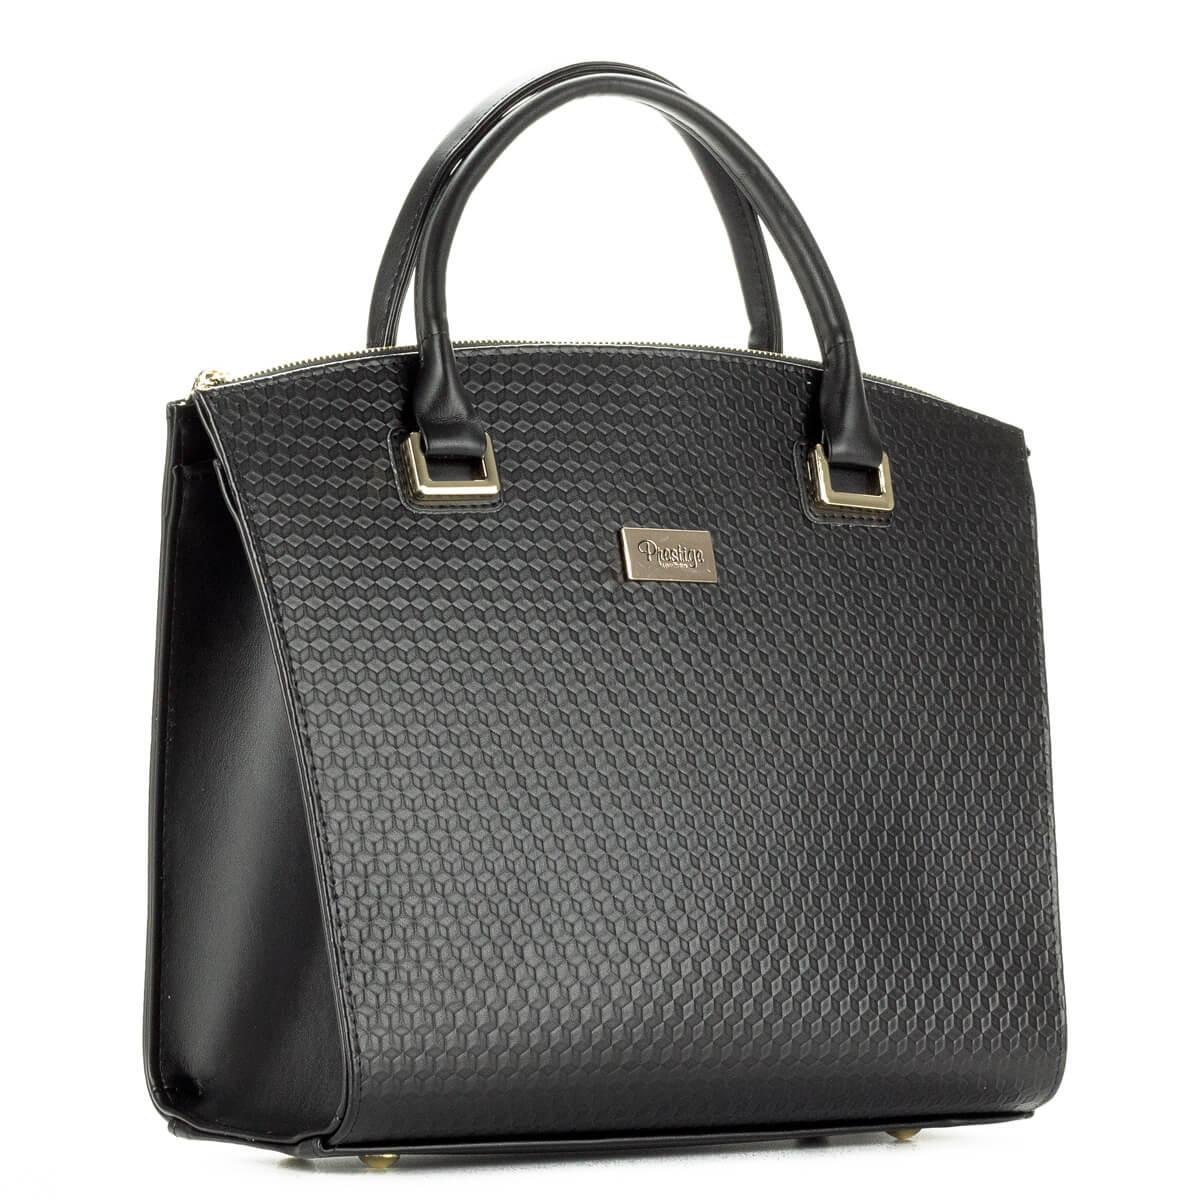 Fekete Prestige kézitáska egybefüggő nagy belső térrel, cipzáros és telefonzsebbel. Elején apró sorminta található, díszei és a cipzárak arany színűek.